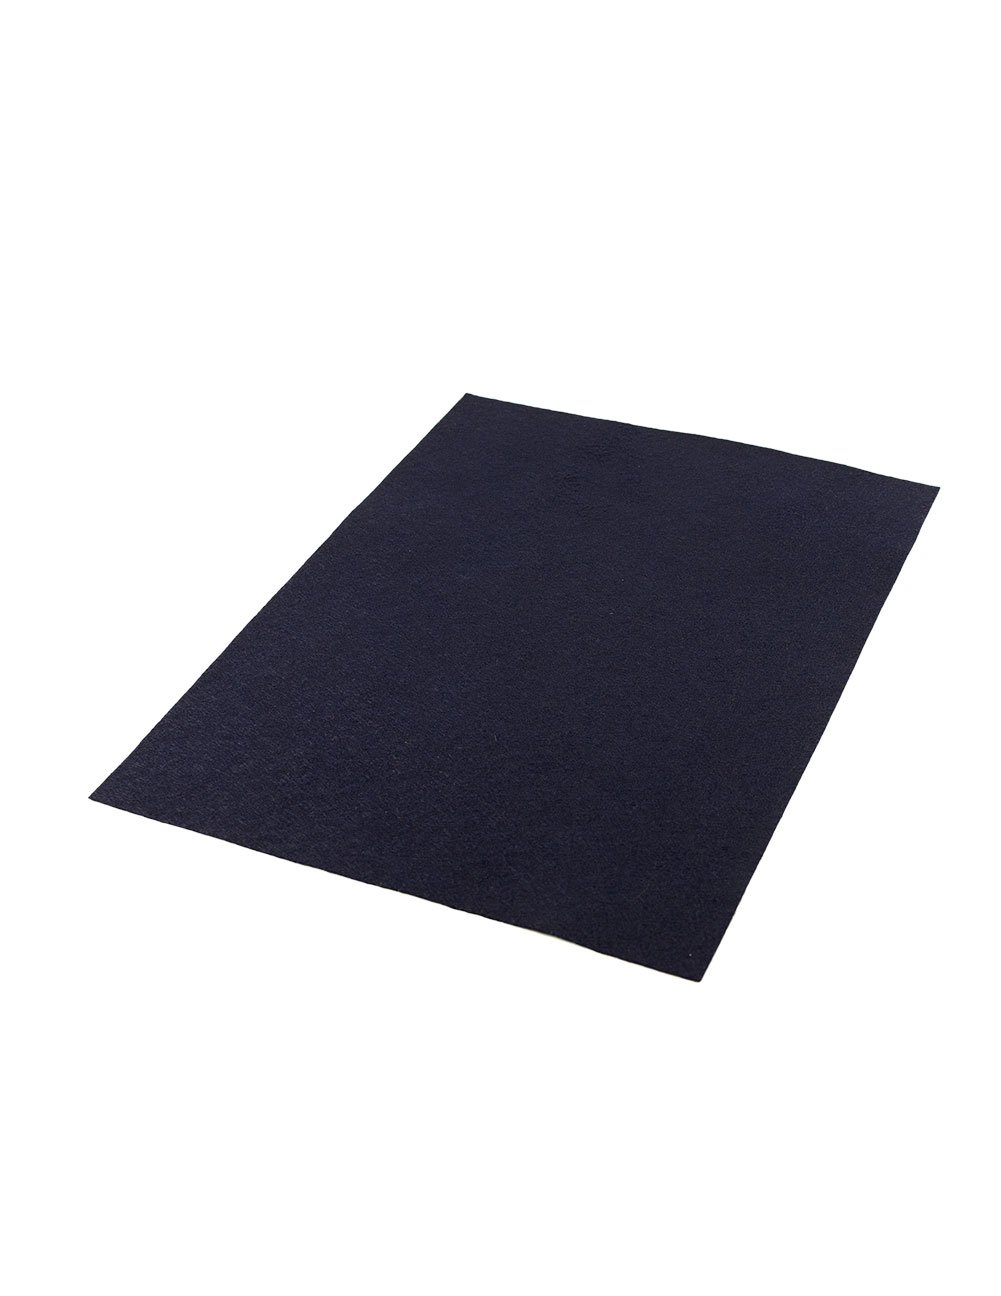 9' x 12' Rayon/Viscose Felt Sheets - Navy Blue, 5pcs The Felt Store